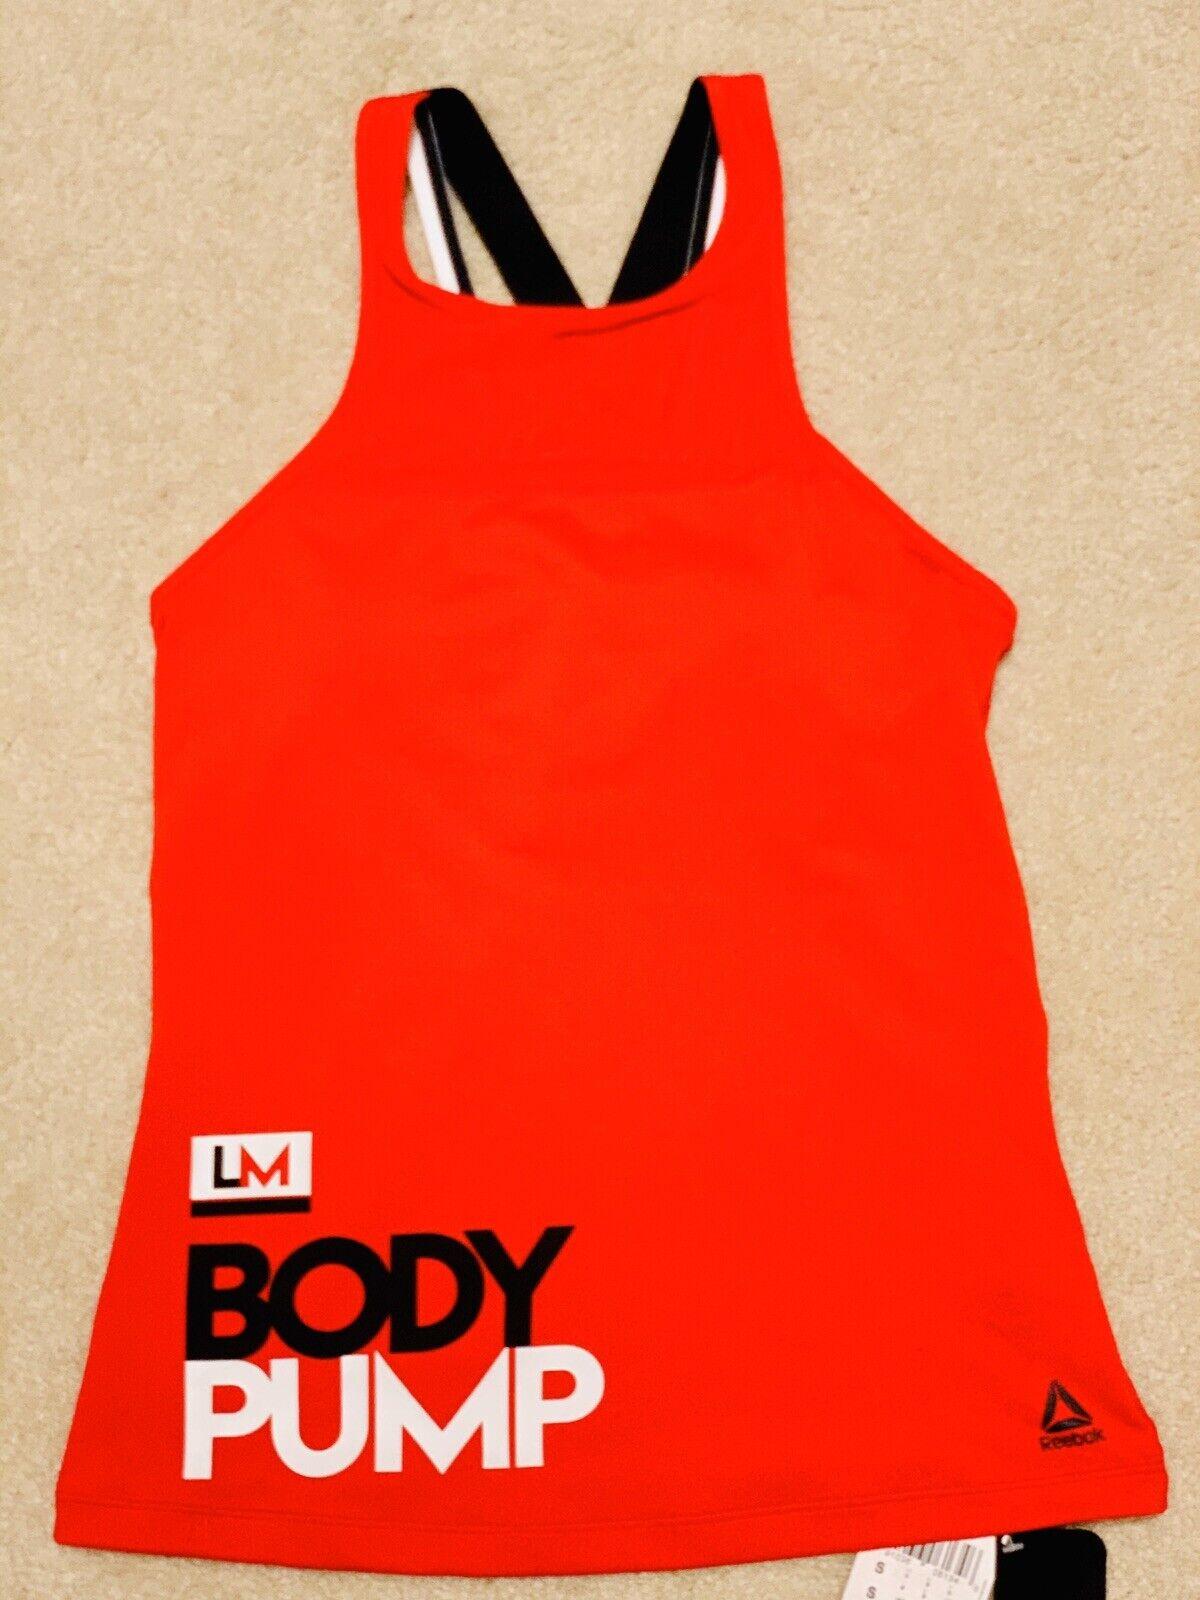 bodypump tank